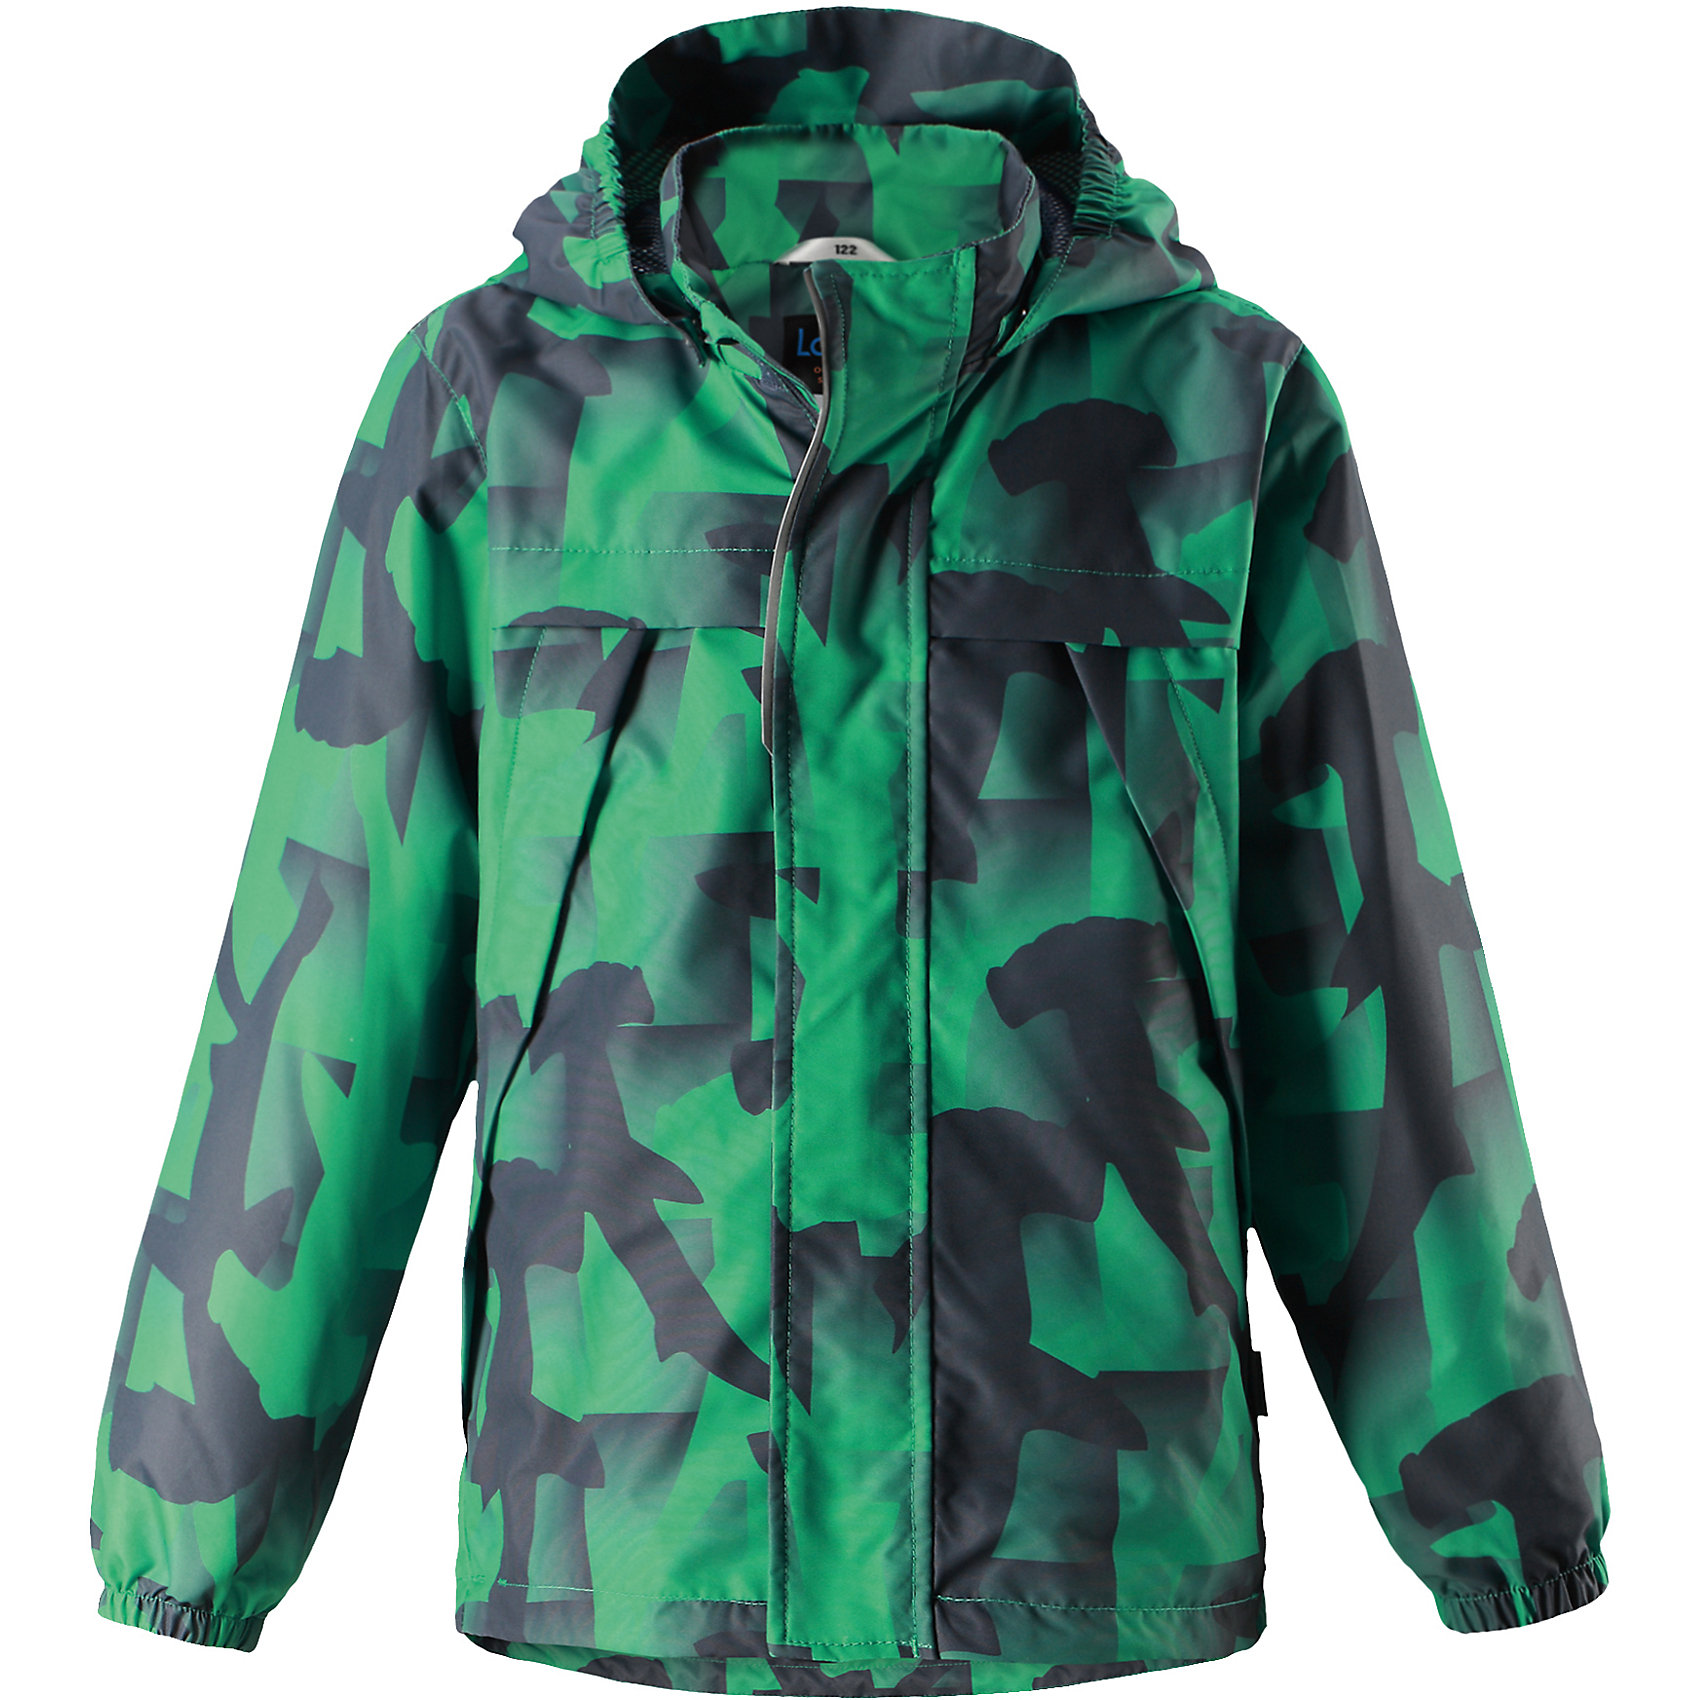 Куртка для мальчика LASSIEОдежда<br>Курткадля мальчика LASSIE<br>Состав:<br>100% Полиэстер, полиуретановое покрытие<br> Куртка для детей<br> Водоотталкивающий, ветронепроницаемый и «дышащий» материал<br> Подкладка из mesh-сетки<br> Безопасный, съемный капюшон<br> Эластичные манжеты<br> Регулируемый подол<br> Передние карманы<br><br>Ширина мм: 356<br>Глубина мм: 10<br>Высота мм: 245<br>Вес г: 519<br>Цвет: зеленый<br>Возраст от месяцев: 84<br>Возраст до месяцев: 96<br>Пол: Мужской<br>Возраст: Детский<br>Размер: 140,122,128,104,92,116,98,134,110<br>SKU: 5264485